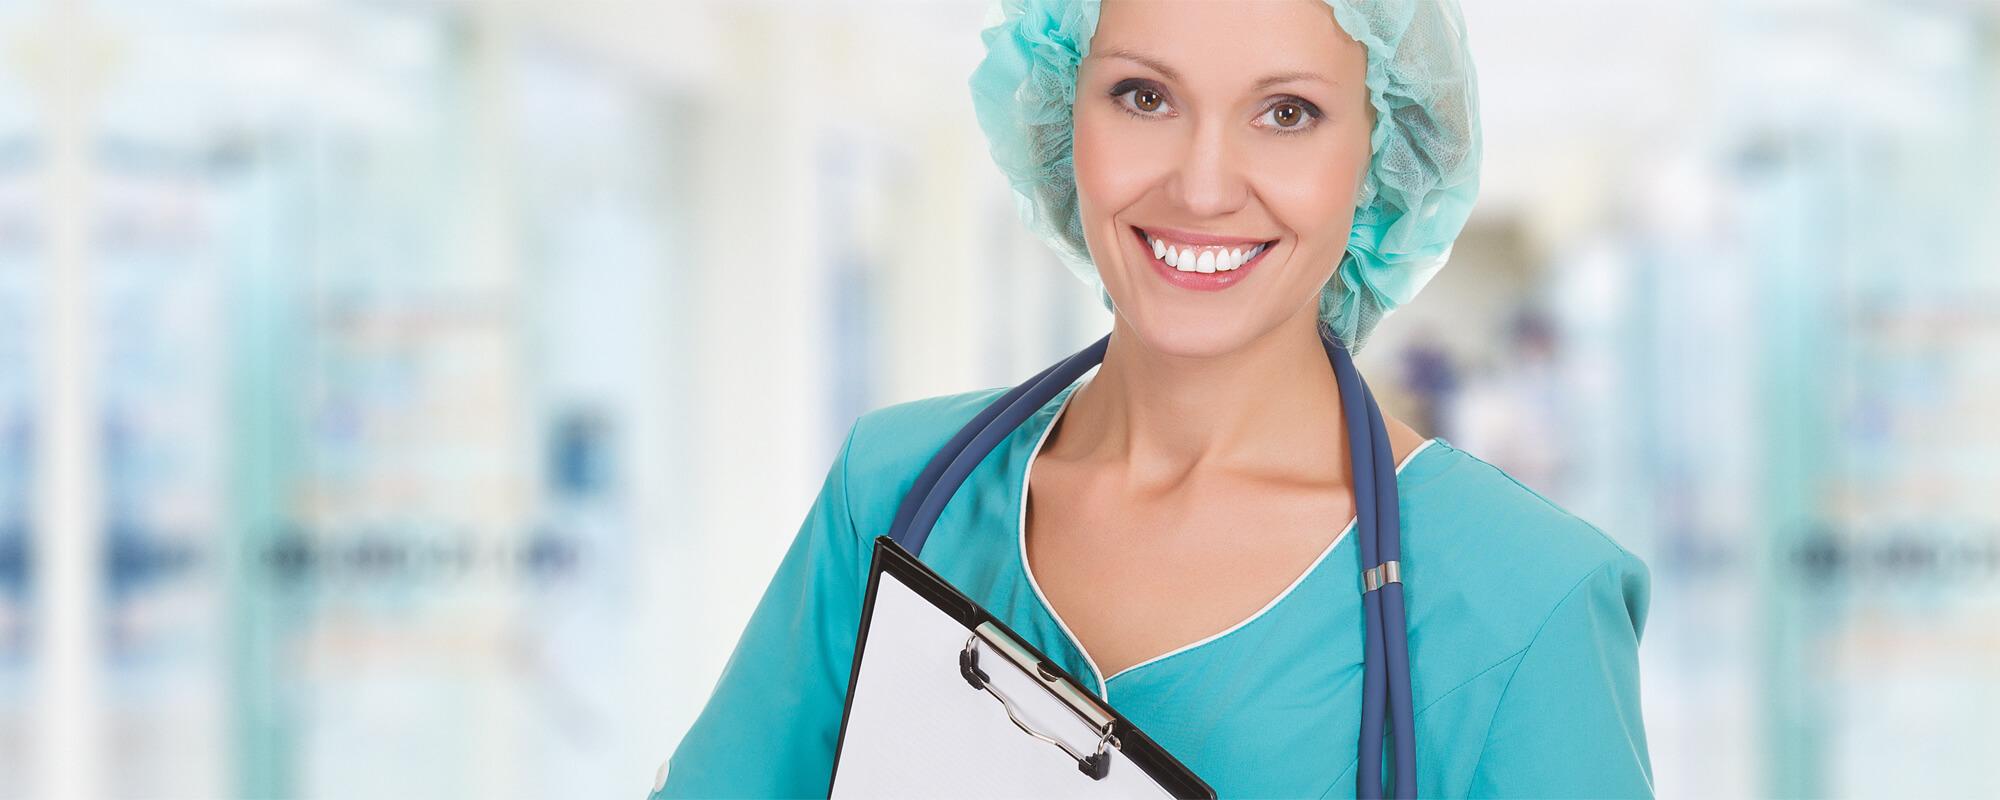 Lekarze <span>SPECJALIŚCI</span><br>Nam możesz zaufać